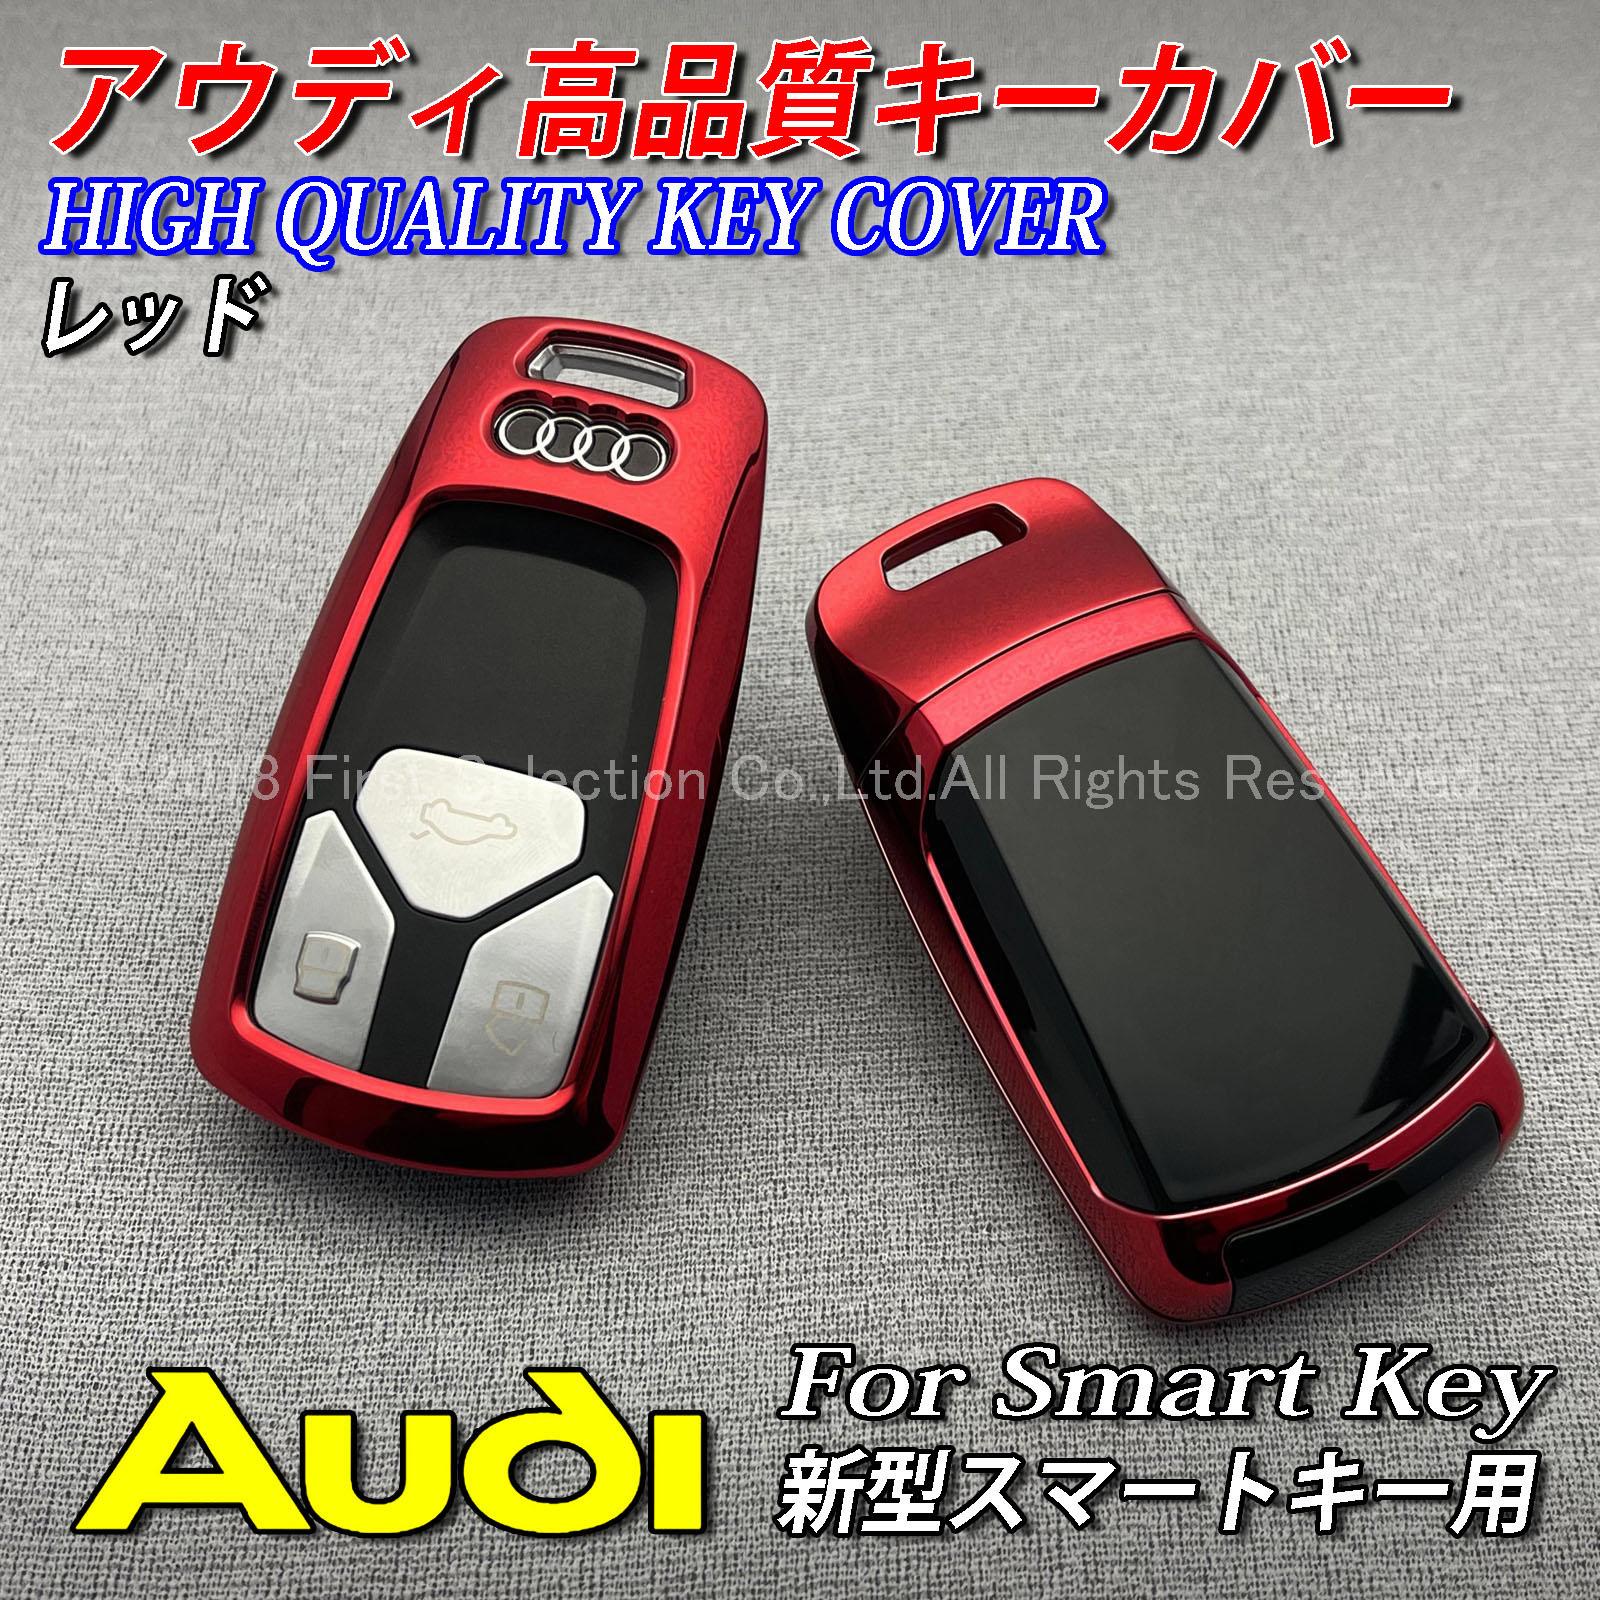 Audi アウディ 新型スマートキー用 高品質キーカバー 赤 A4 A5 S4 S5 Q5 Q7 SQ5 TT